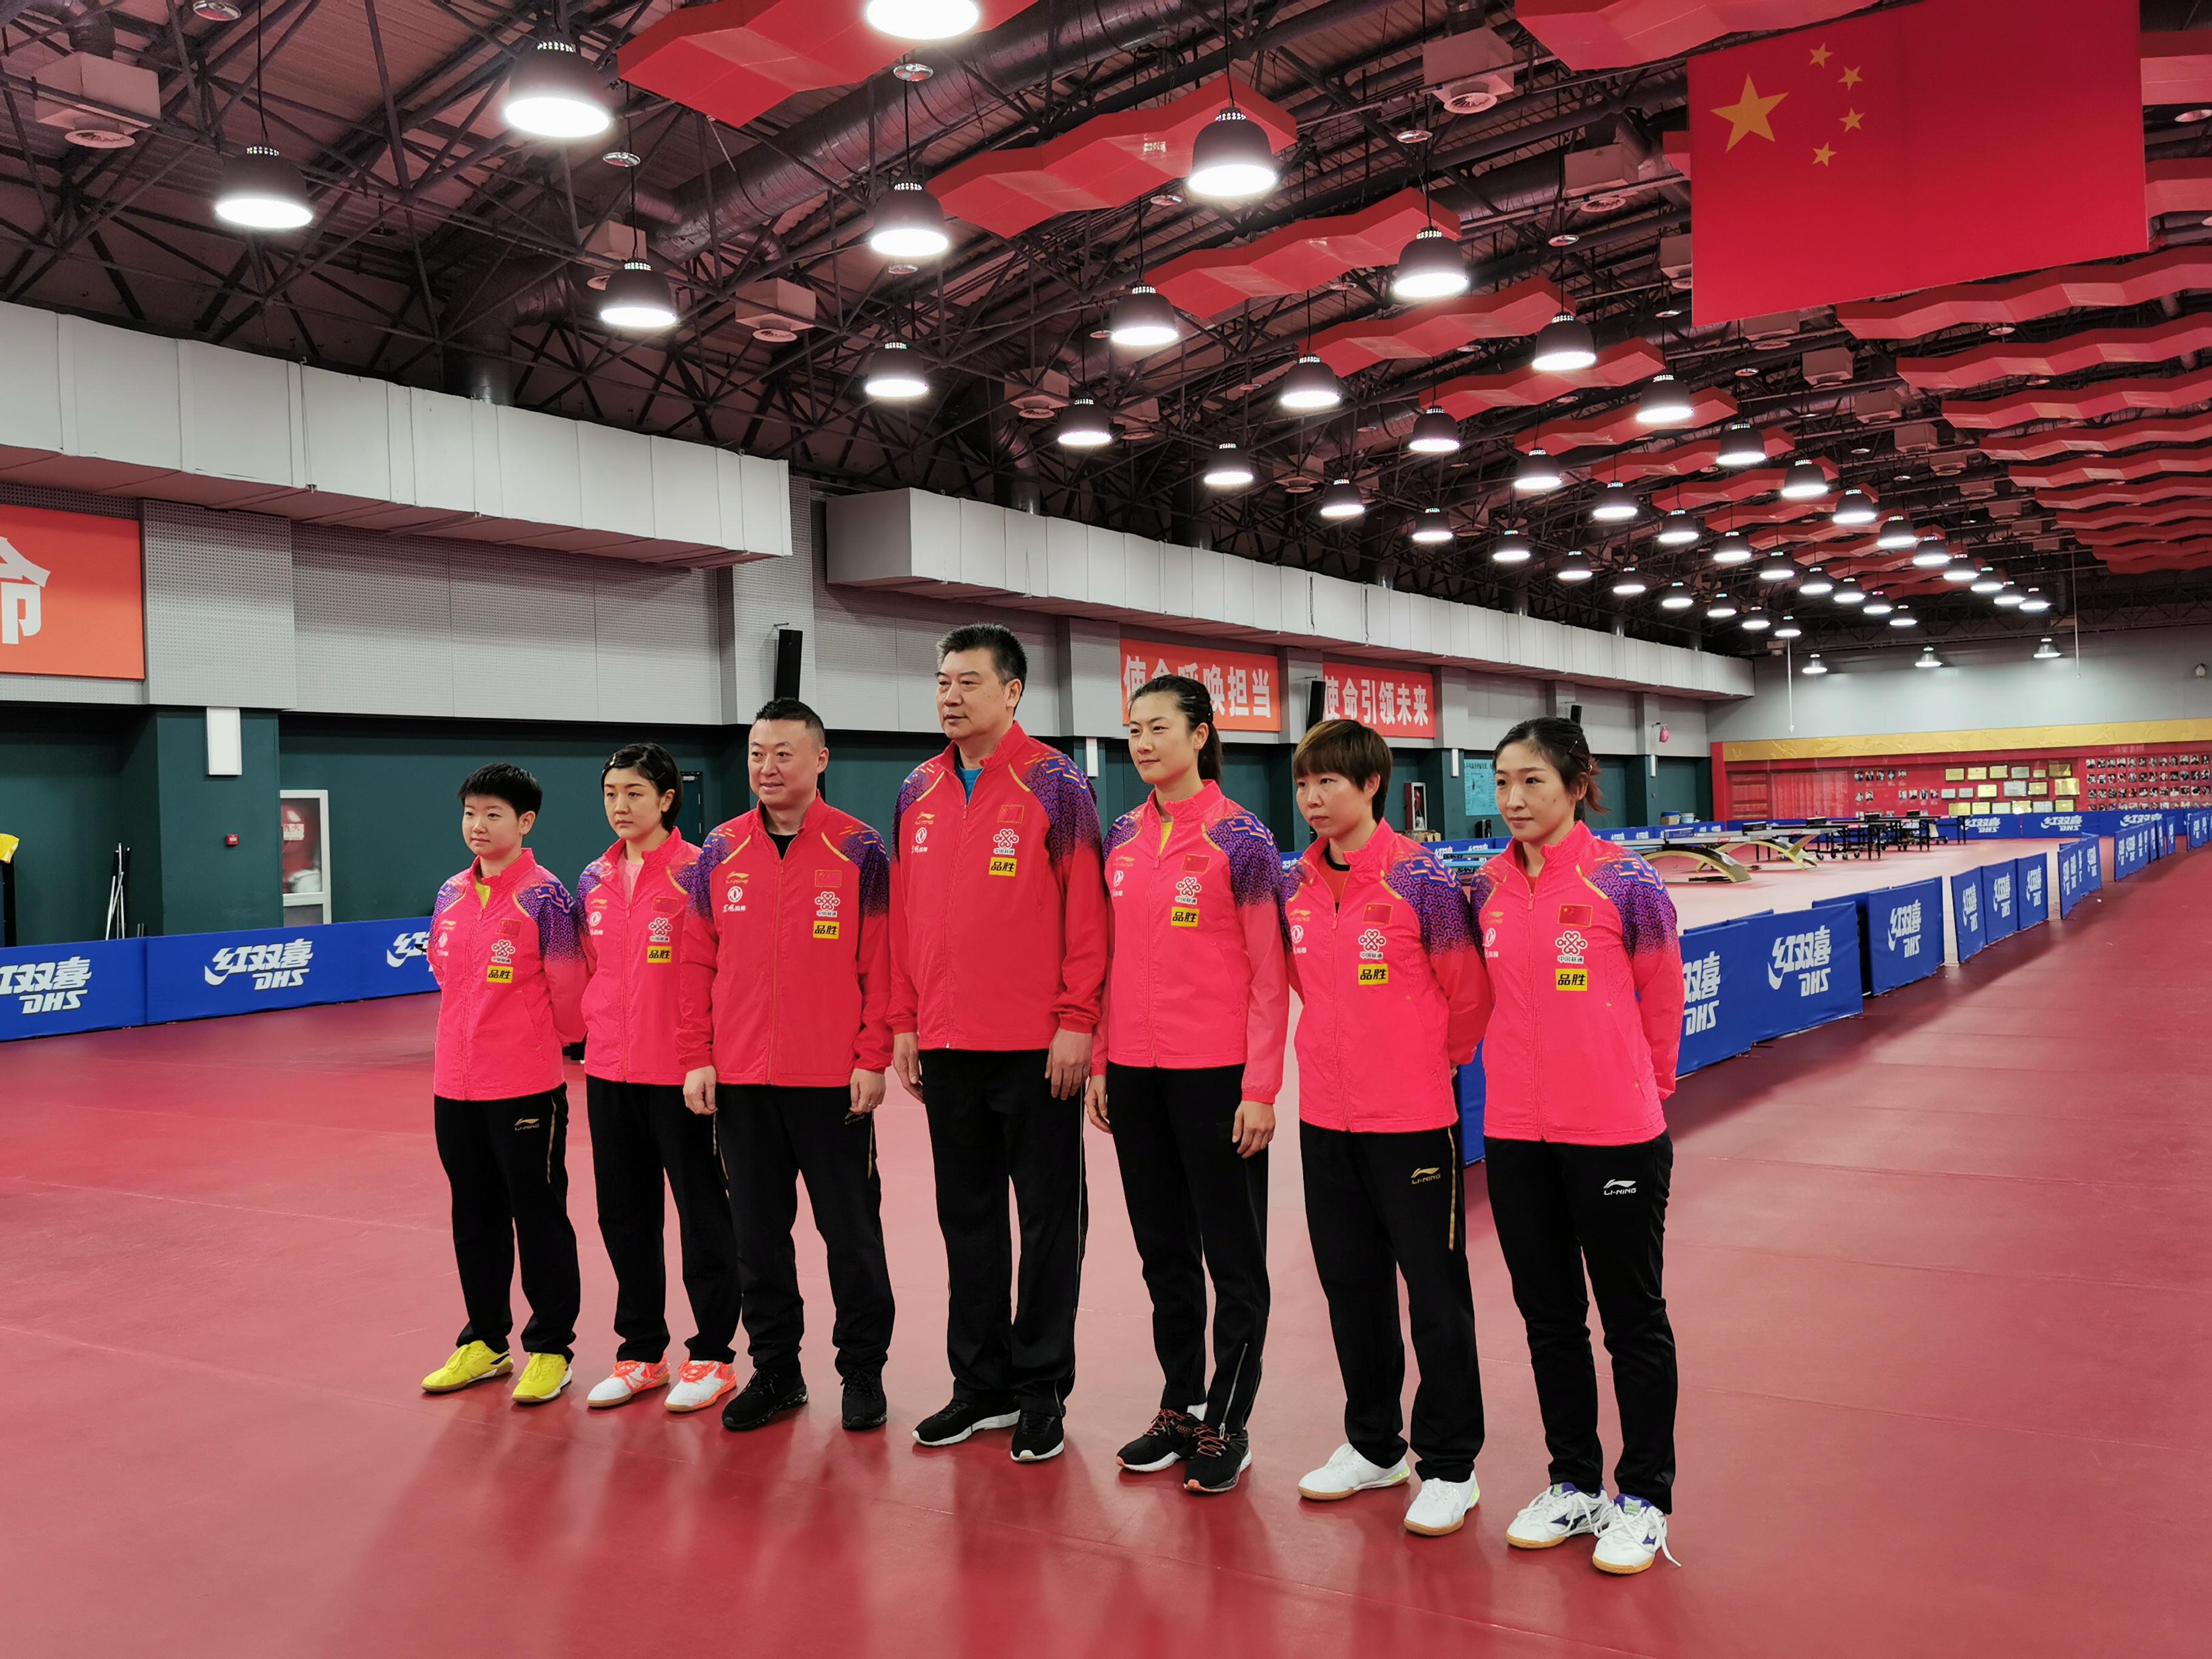 國乒公布2020釜山世乒賽名單 馬龍劉詩雯領銜